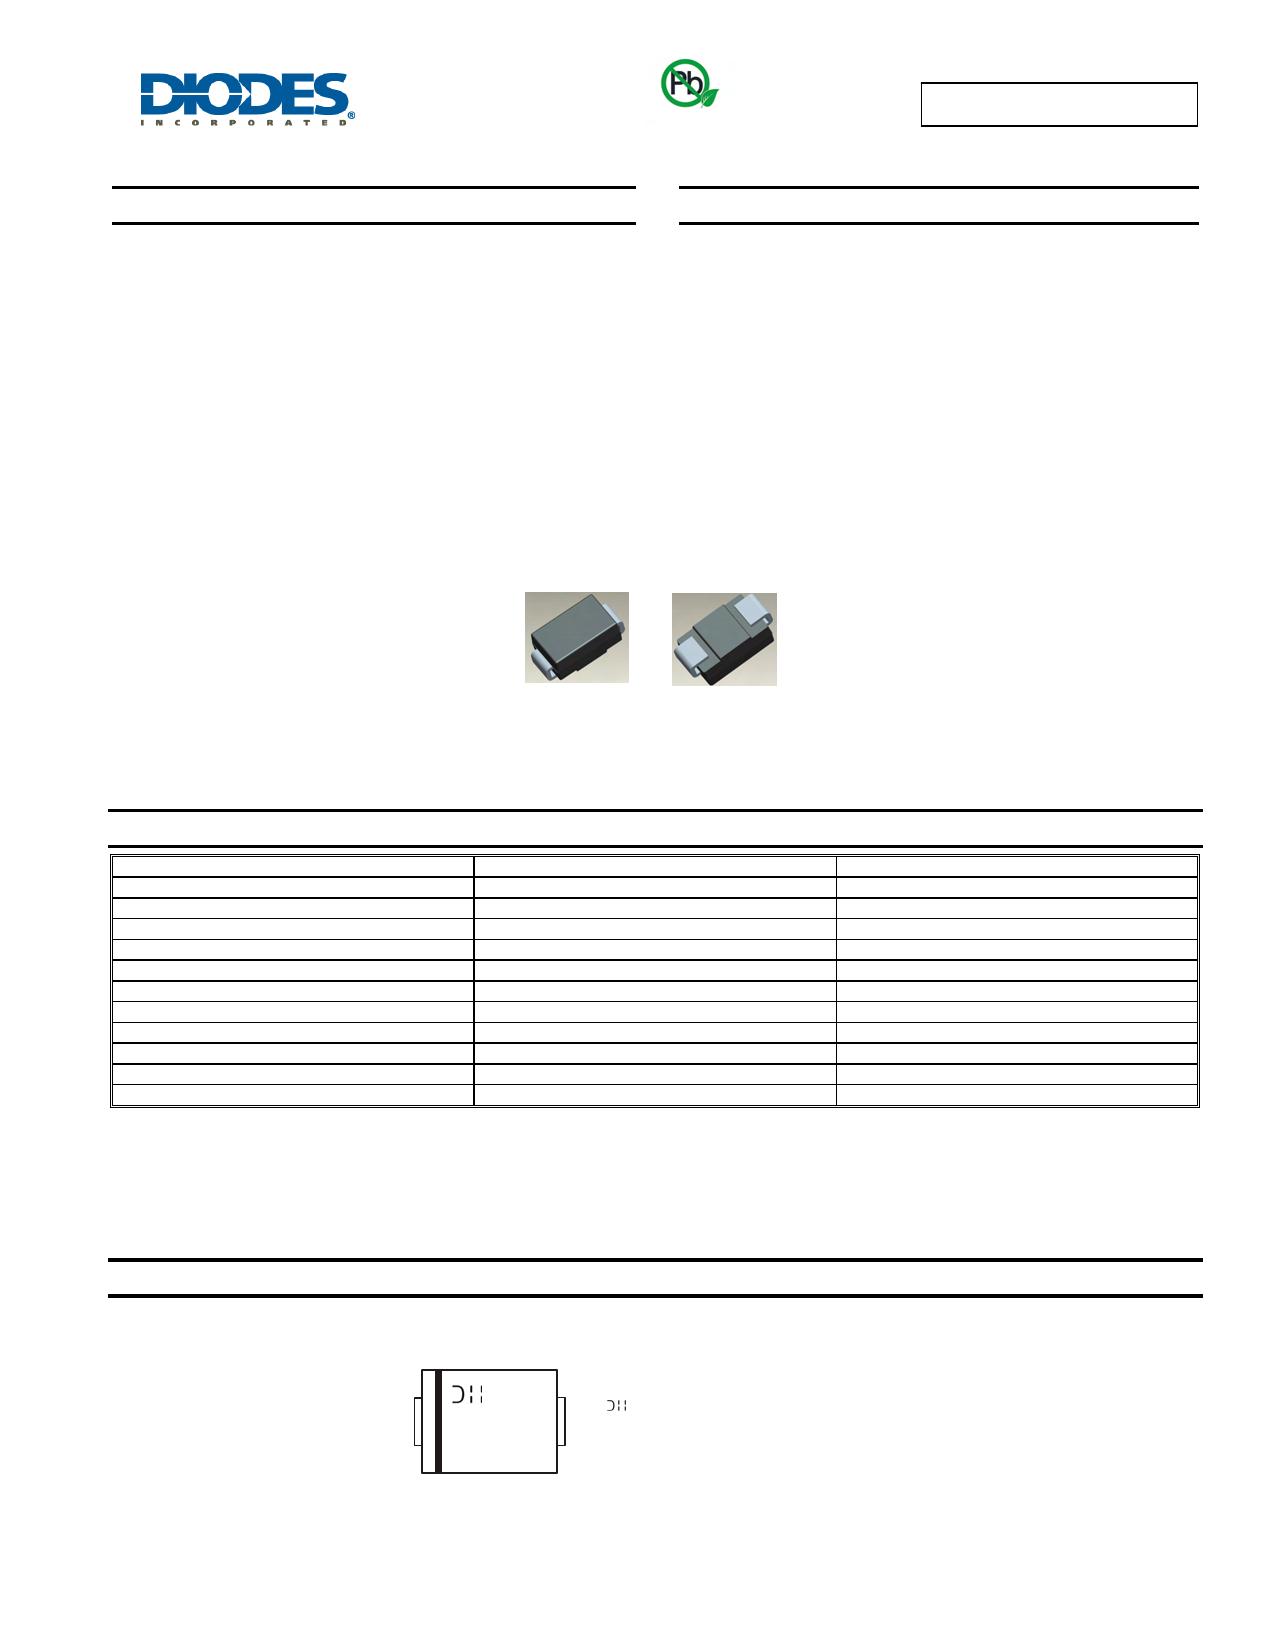 TB0720M datasheet pinout pdf